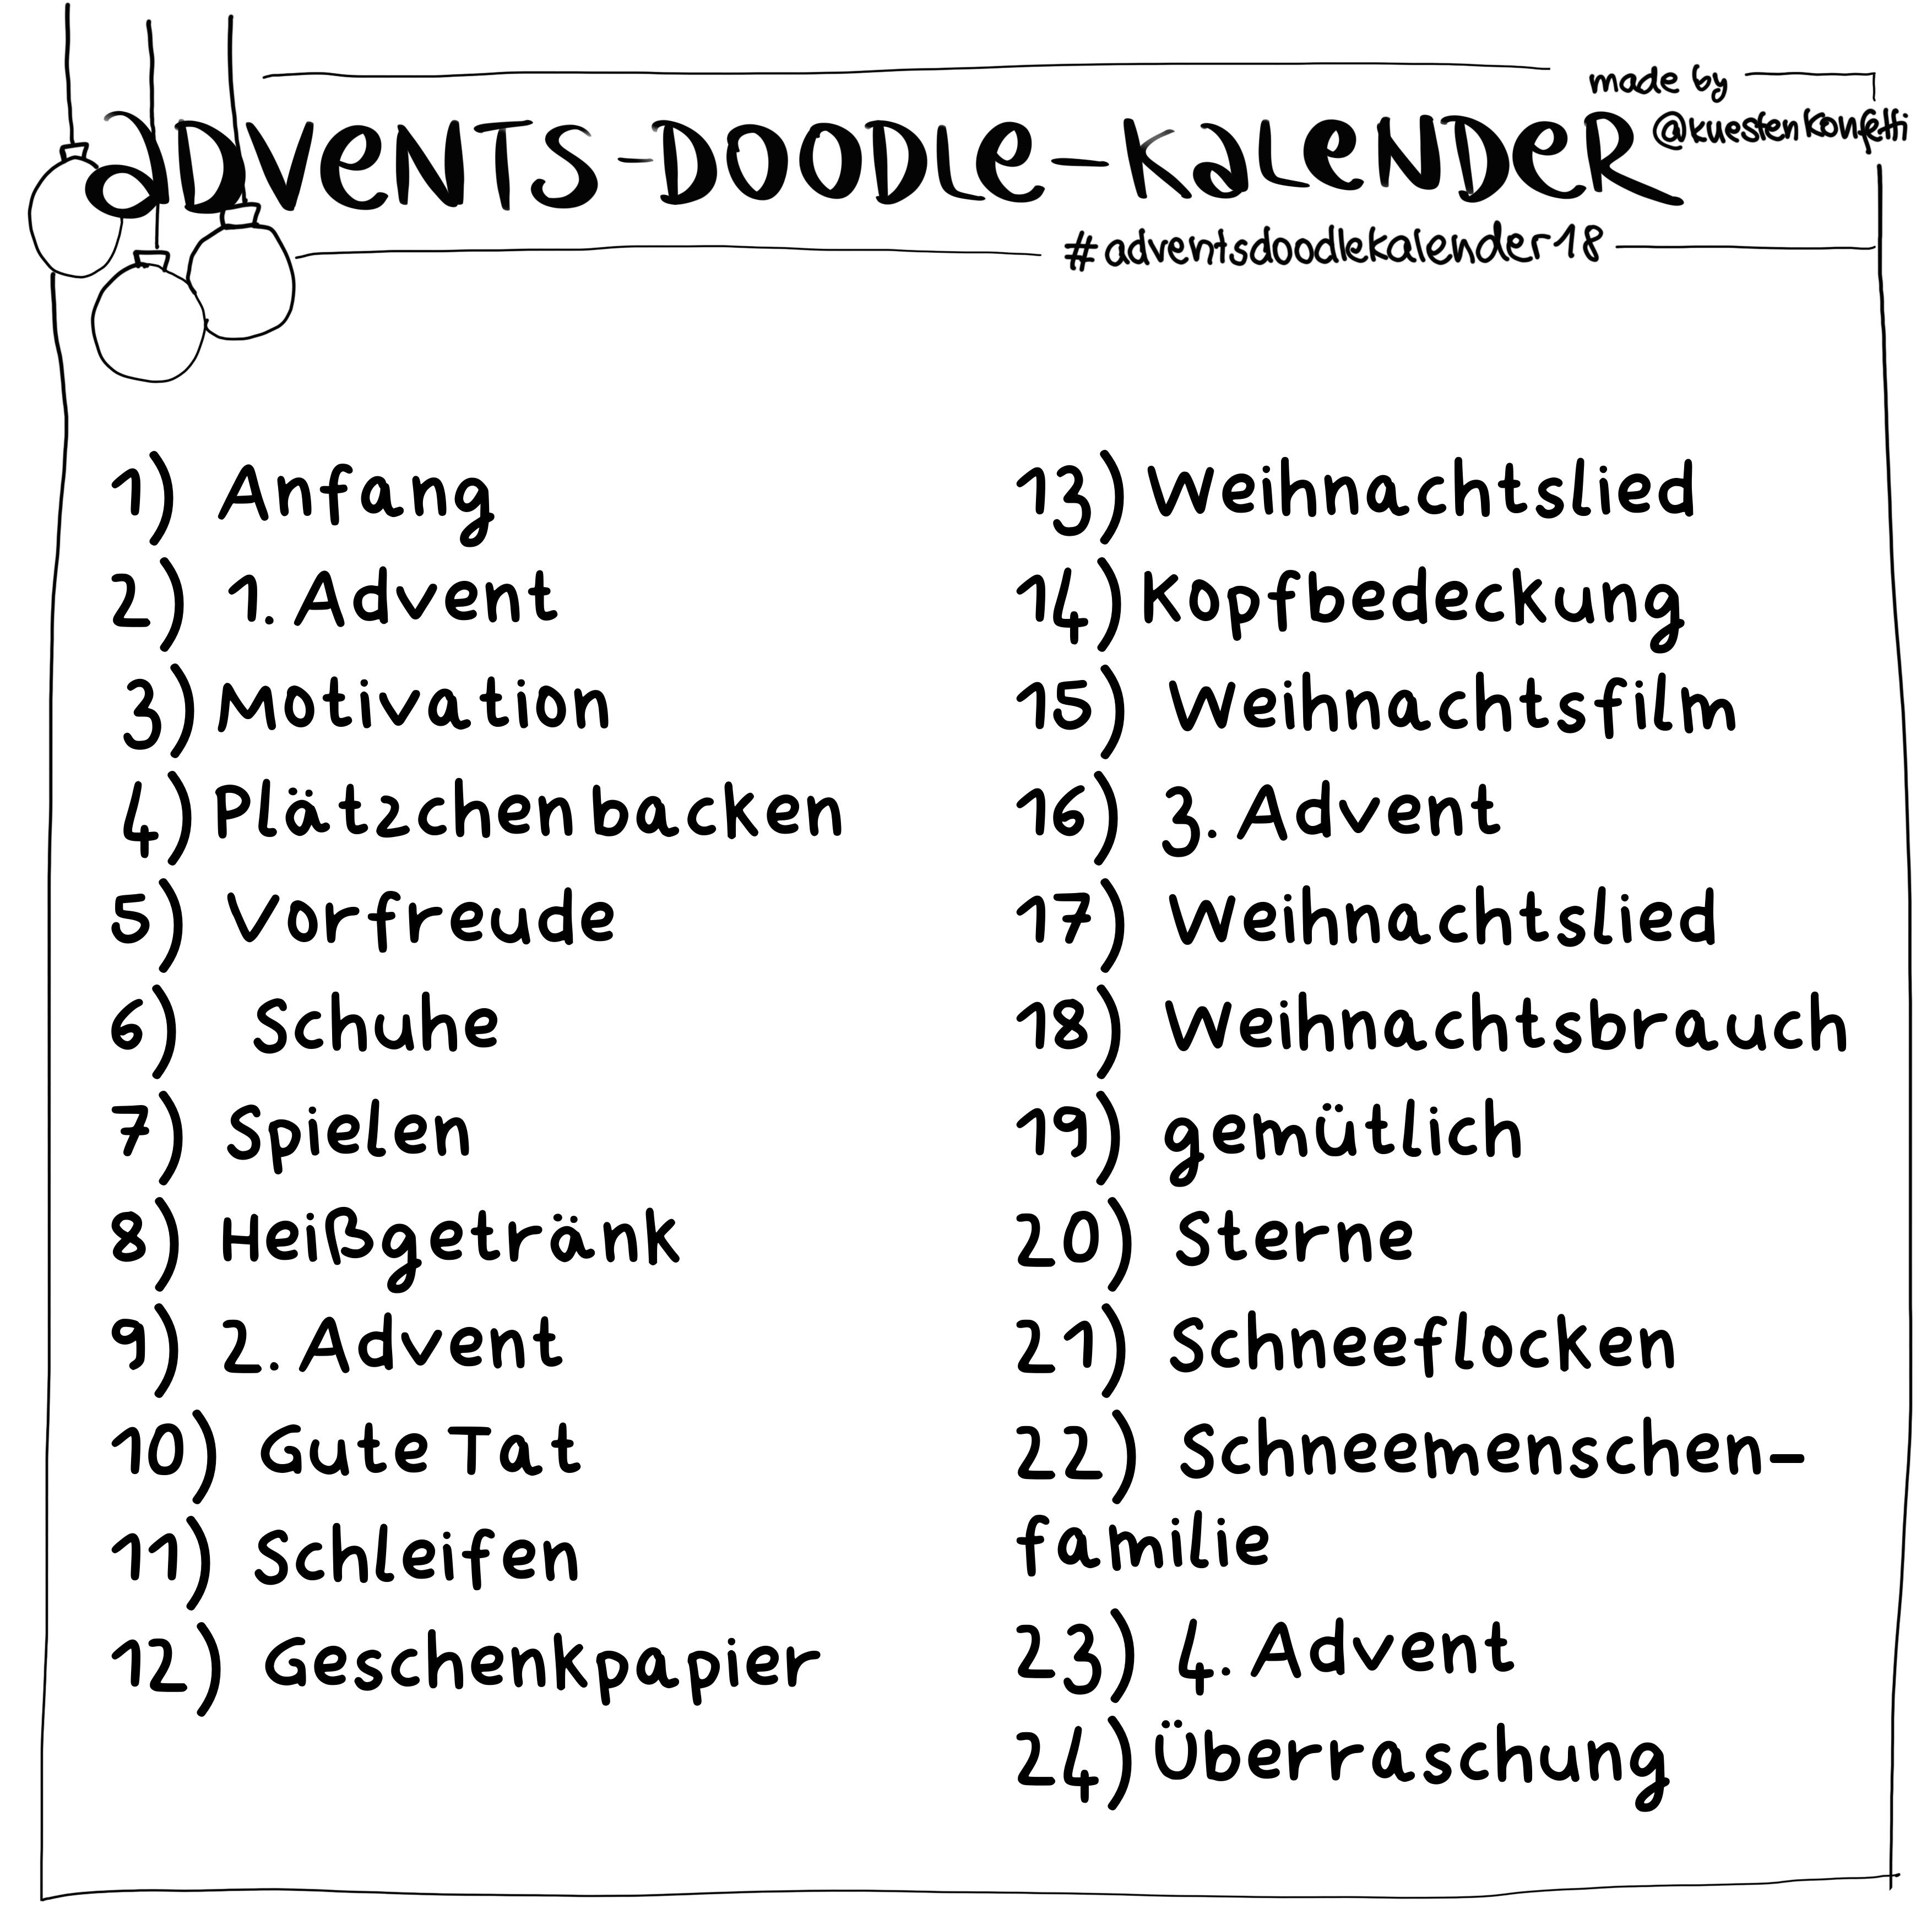 Advents-Doodle-Kalender 2018 * Katharina Bluhm